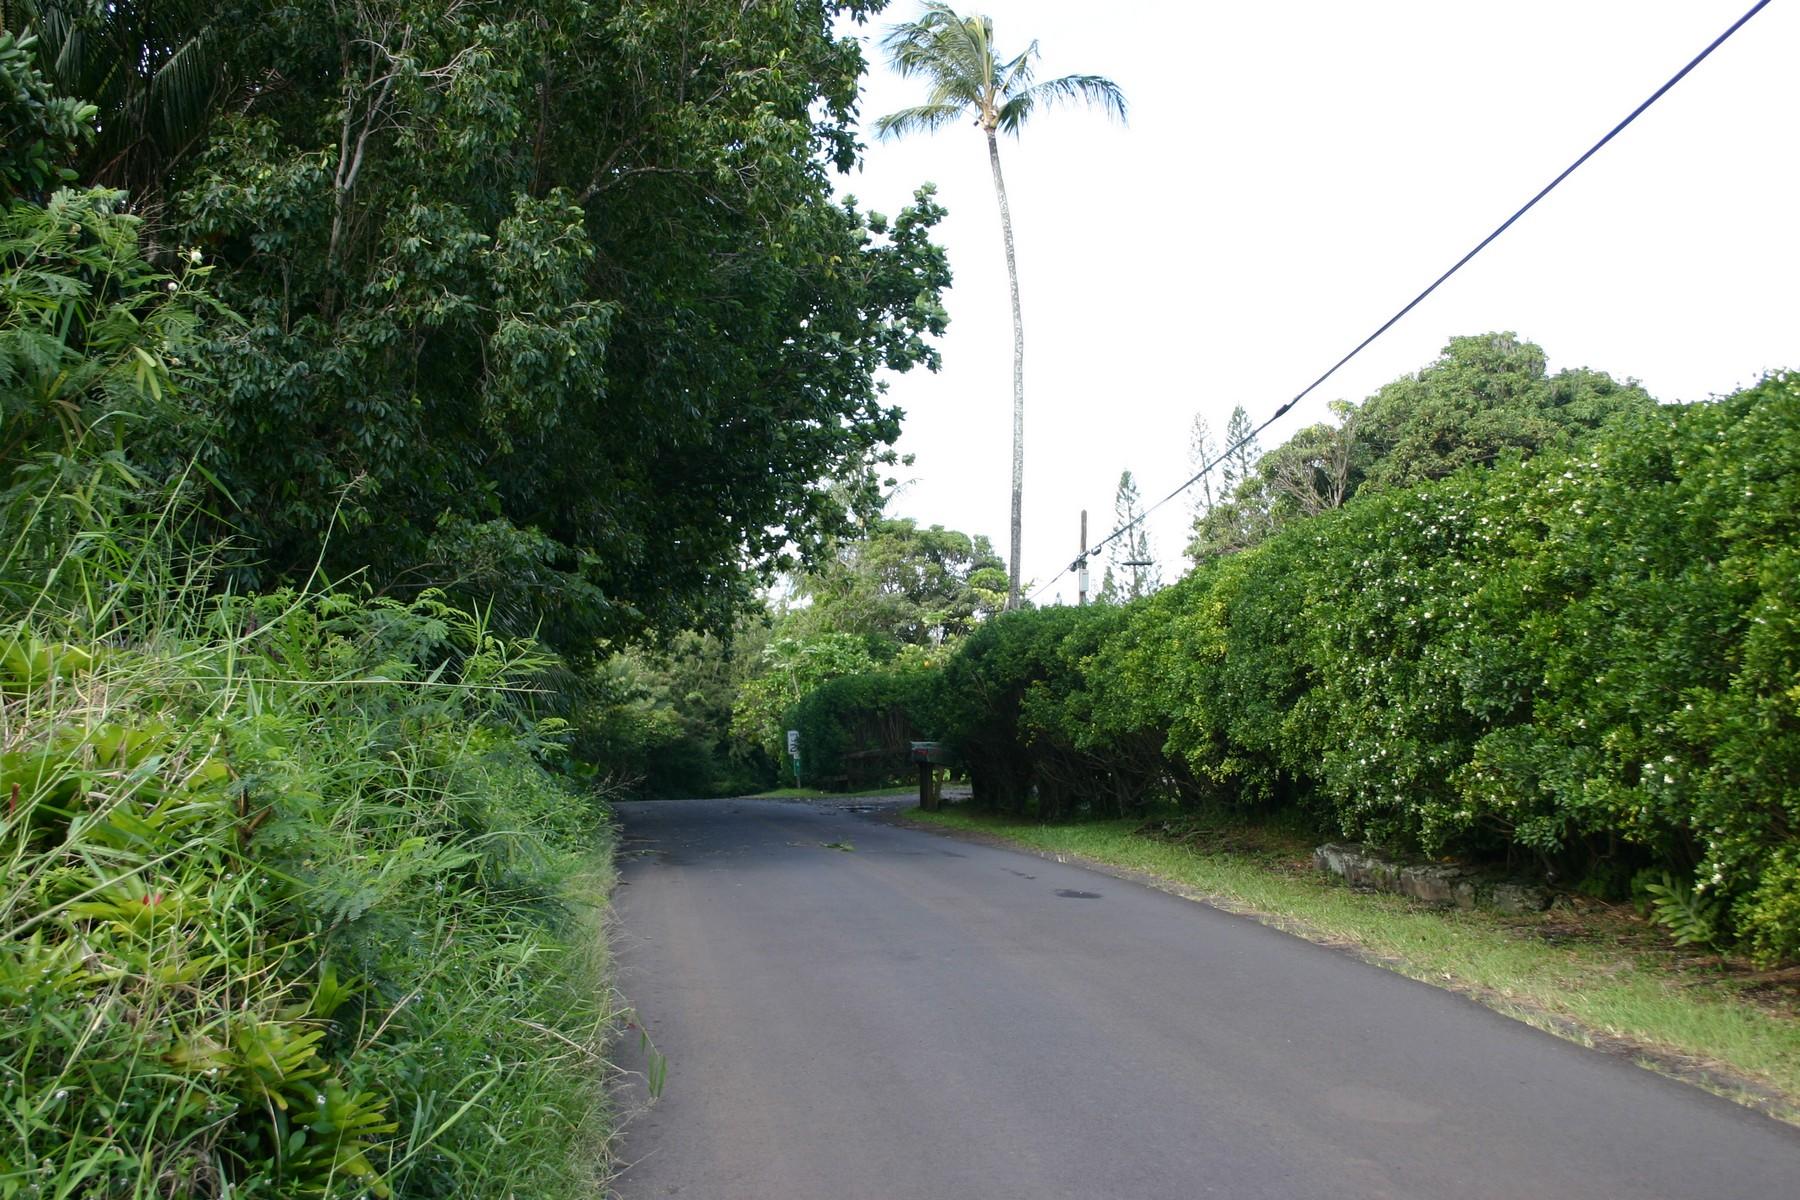 Land for Sale at Kipahulu 2 Acre Lot, Hana, Maui 0 Hana Highway Hana, Hawaii 96713 United States